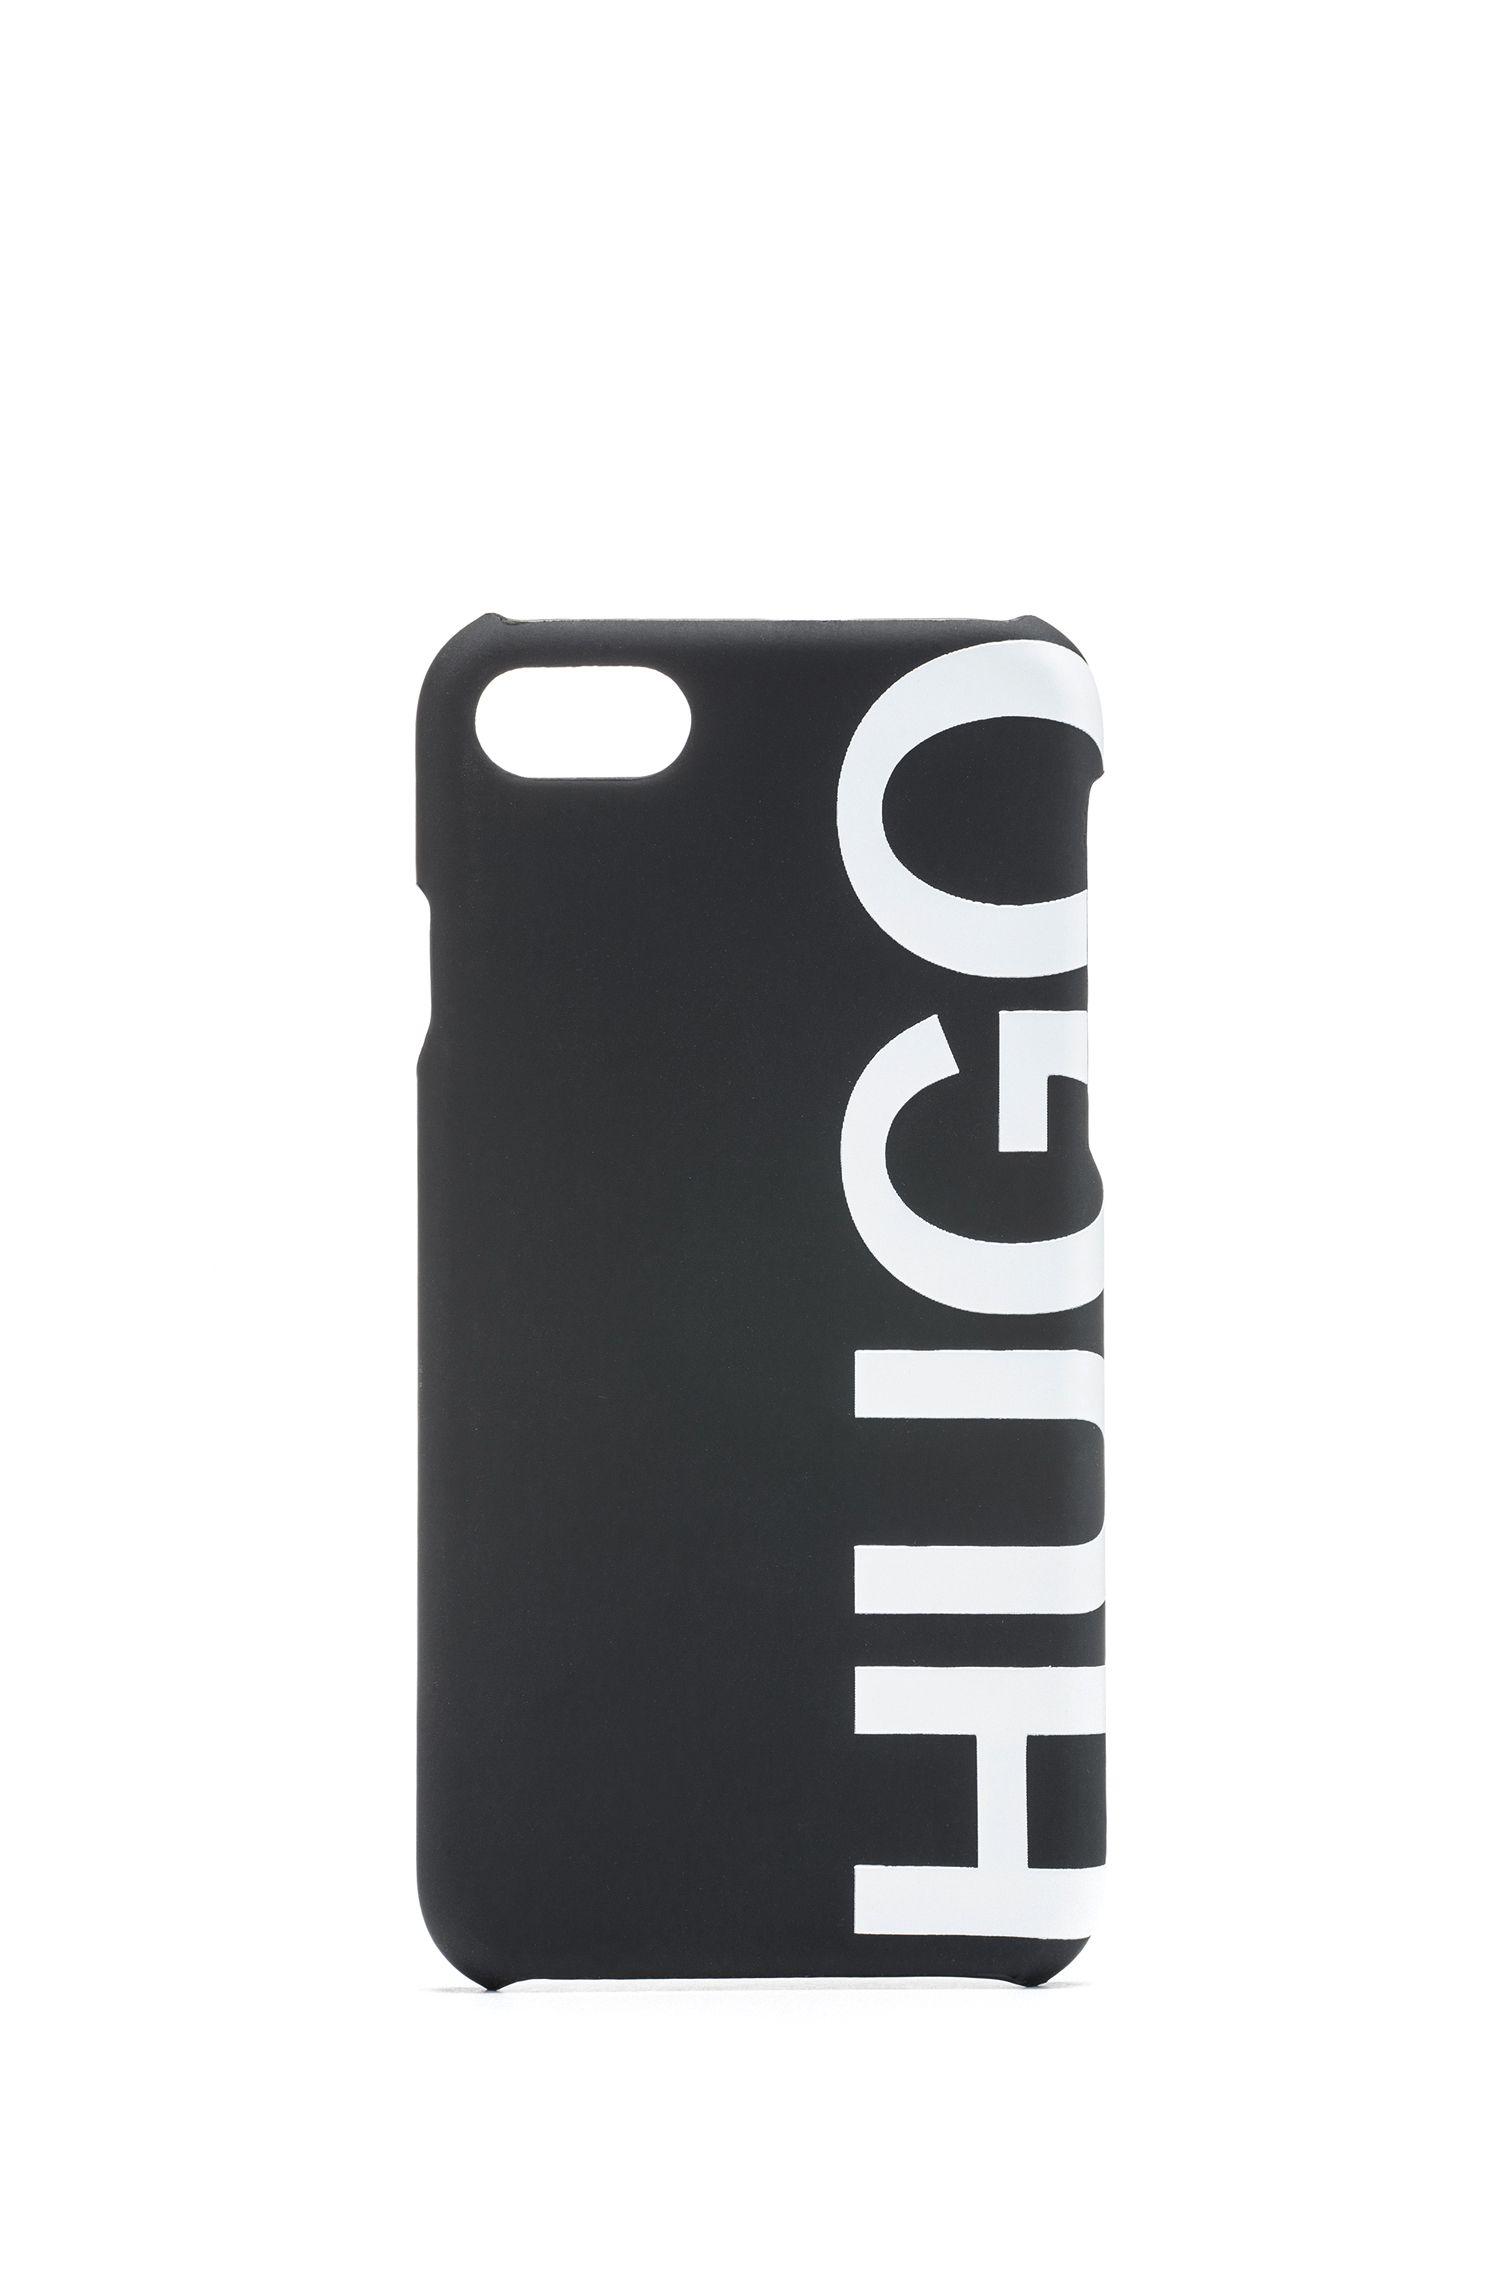 Smartphone-Hülle mit abgeschnittenem Logo für das iPhone8, Schwarz